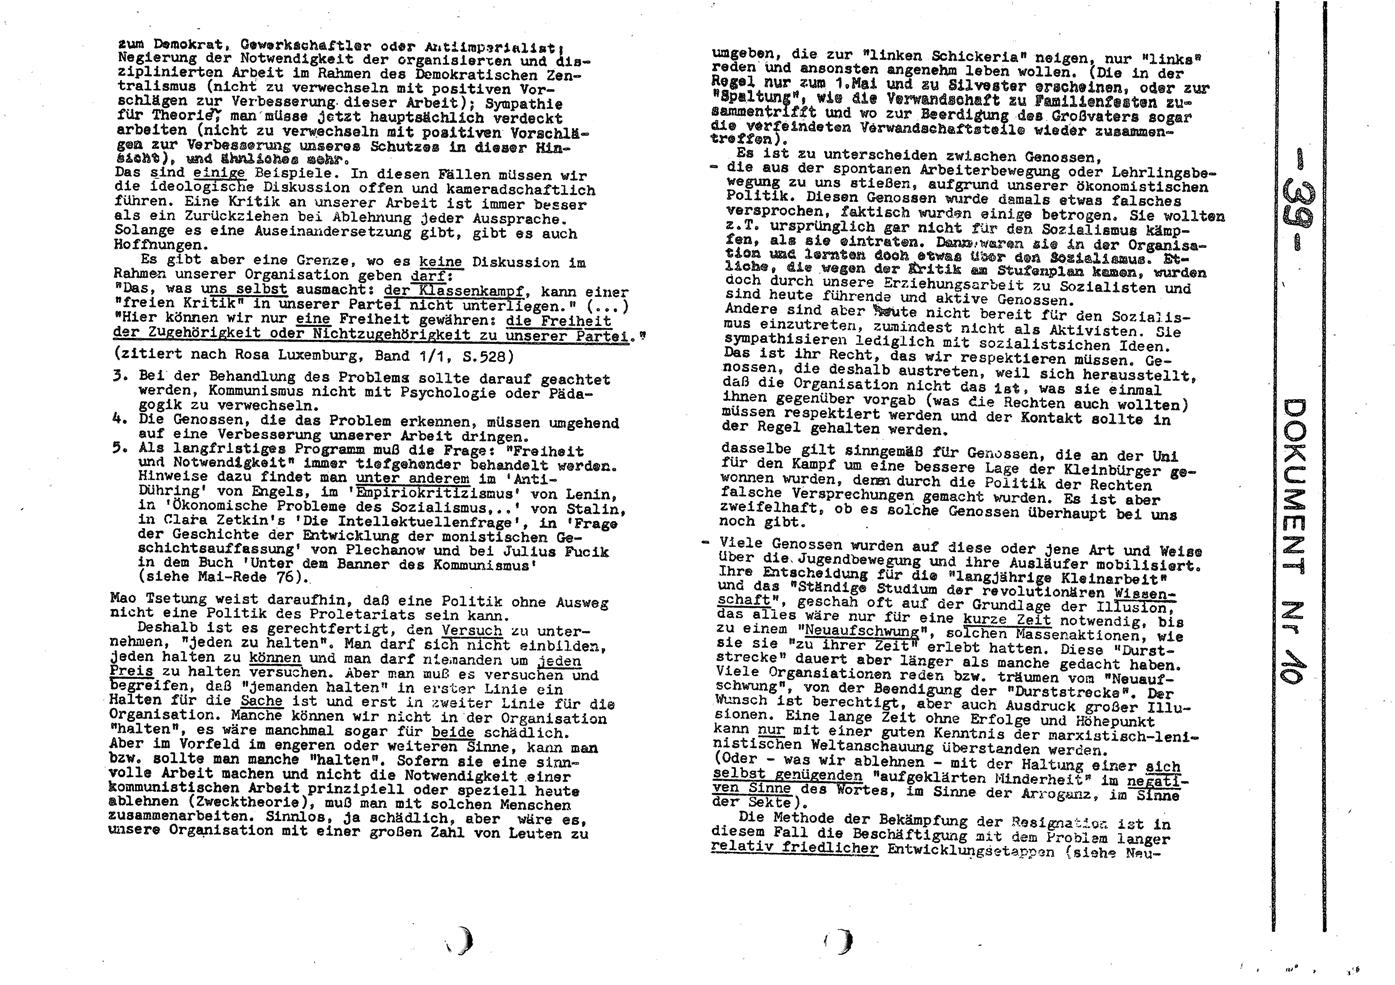 KABRW_Arbeitshefte_1977_24_039